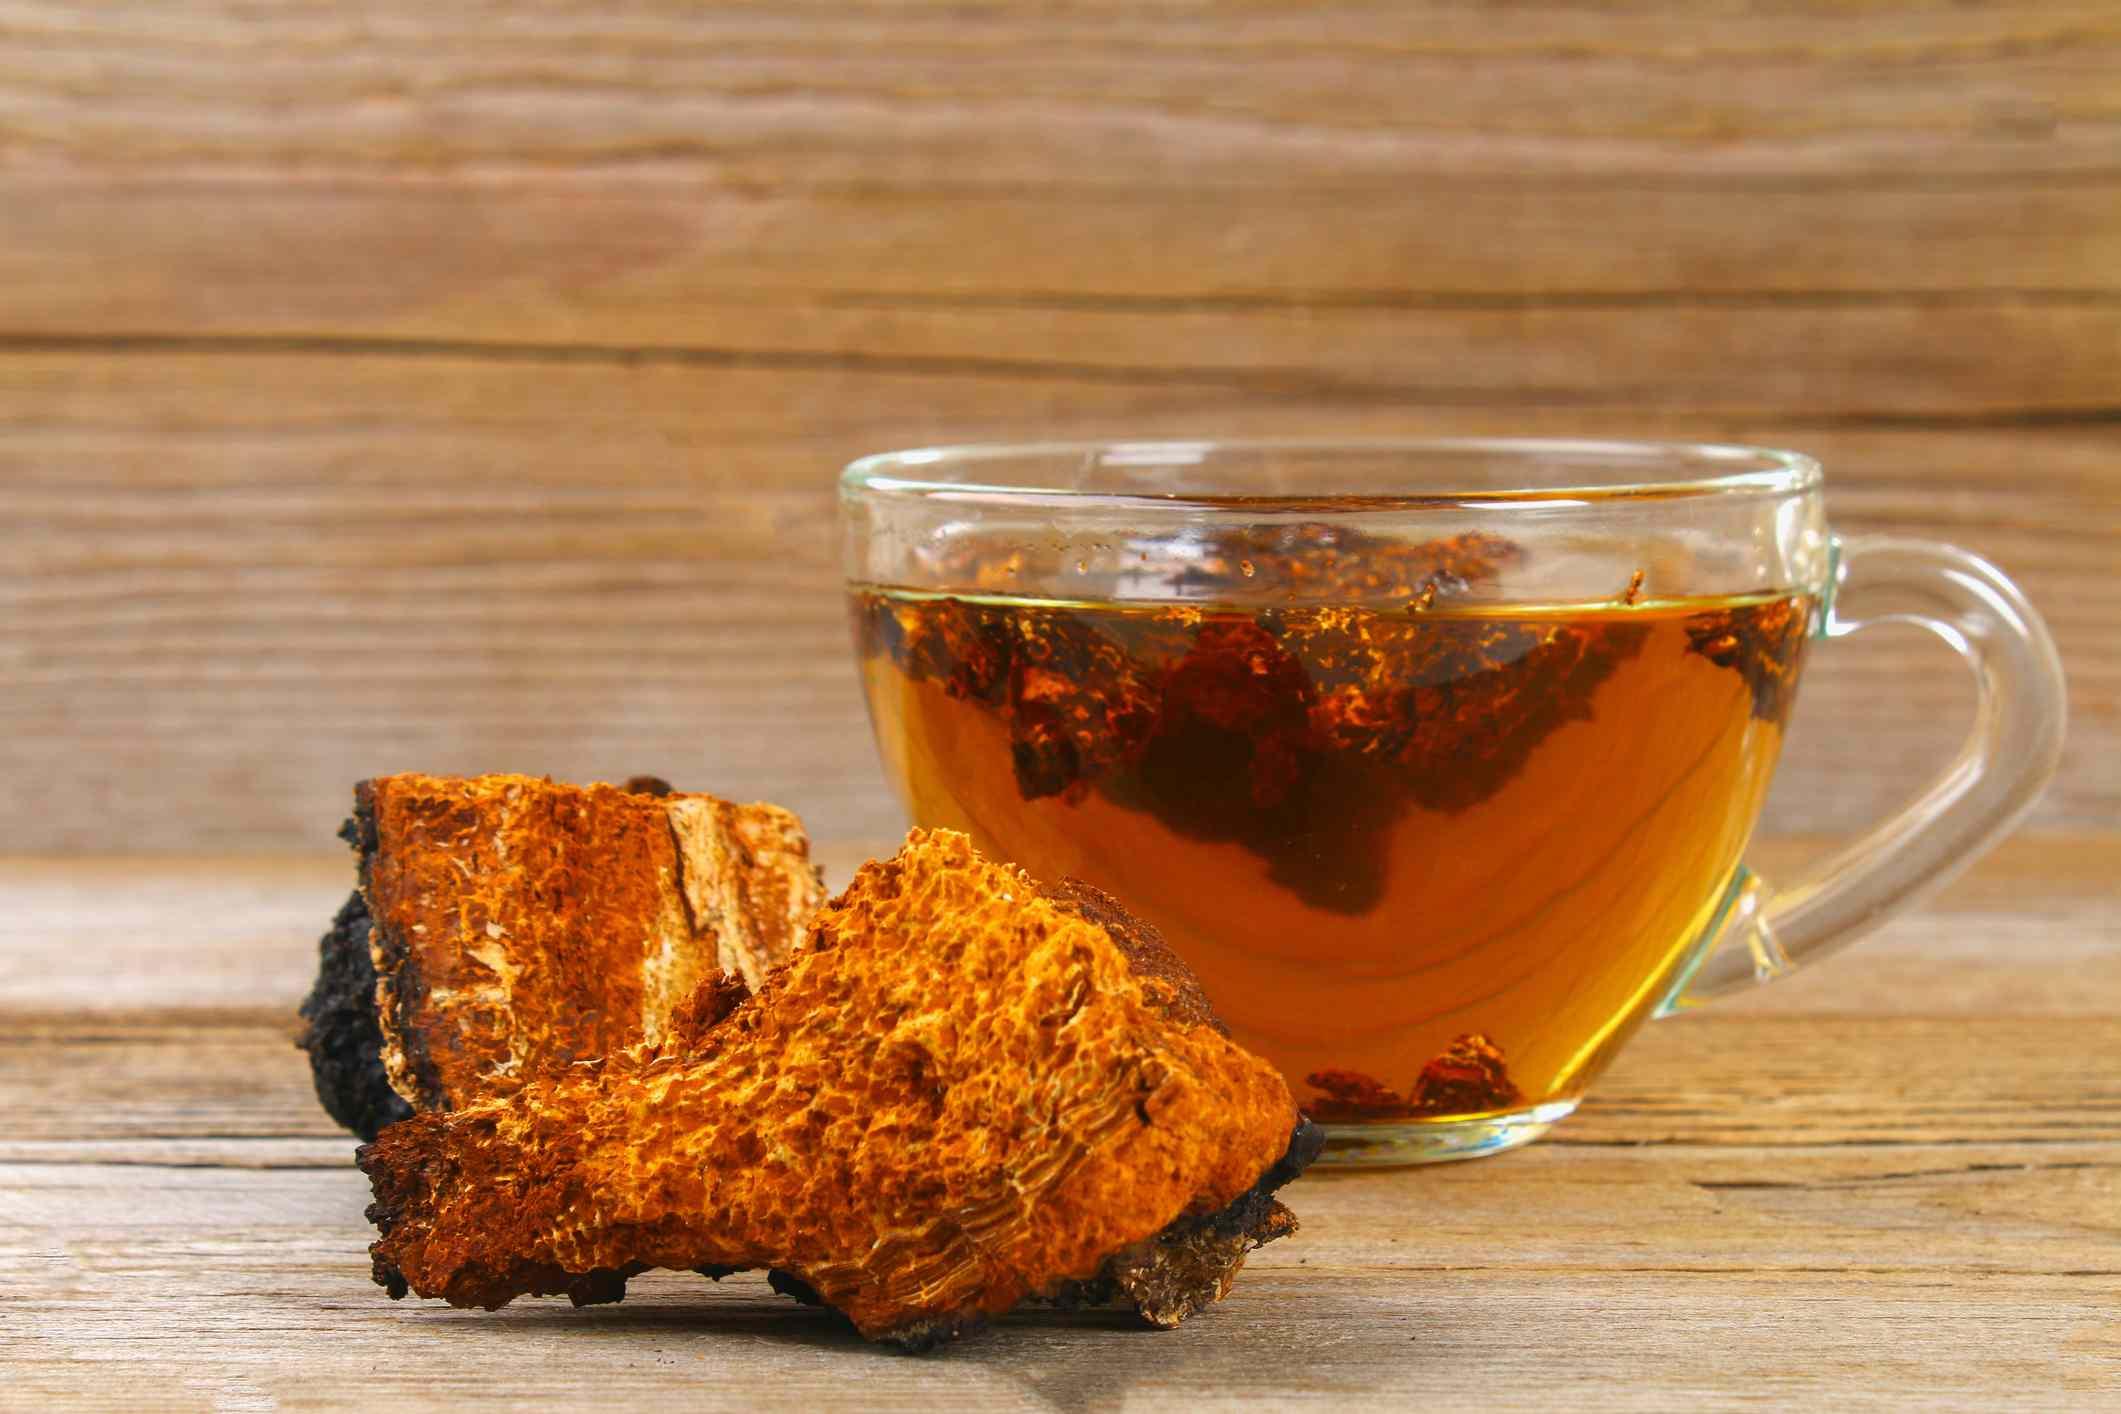 A cup of mushroom tea with a mushroom beside it.